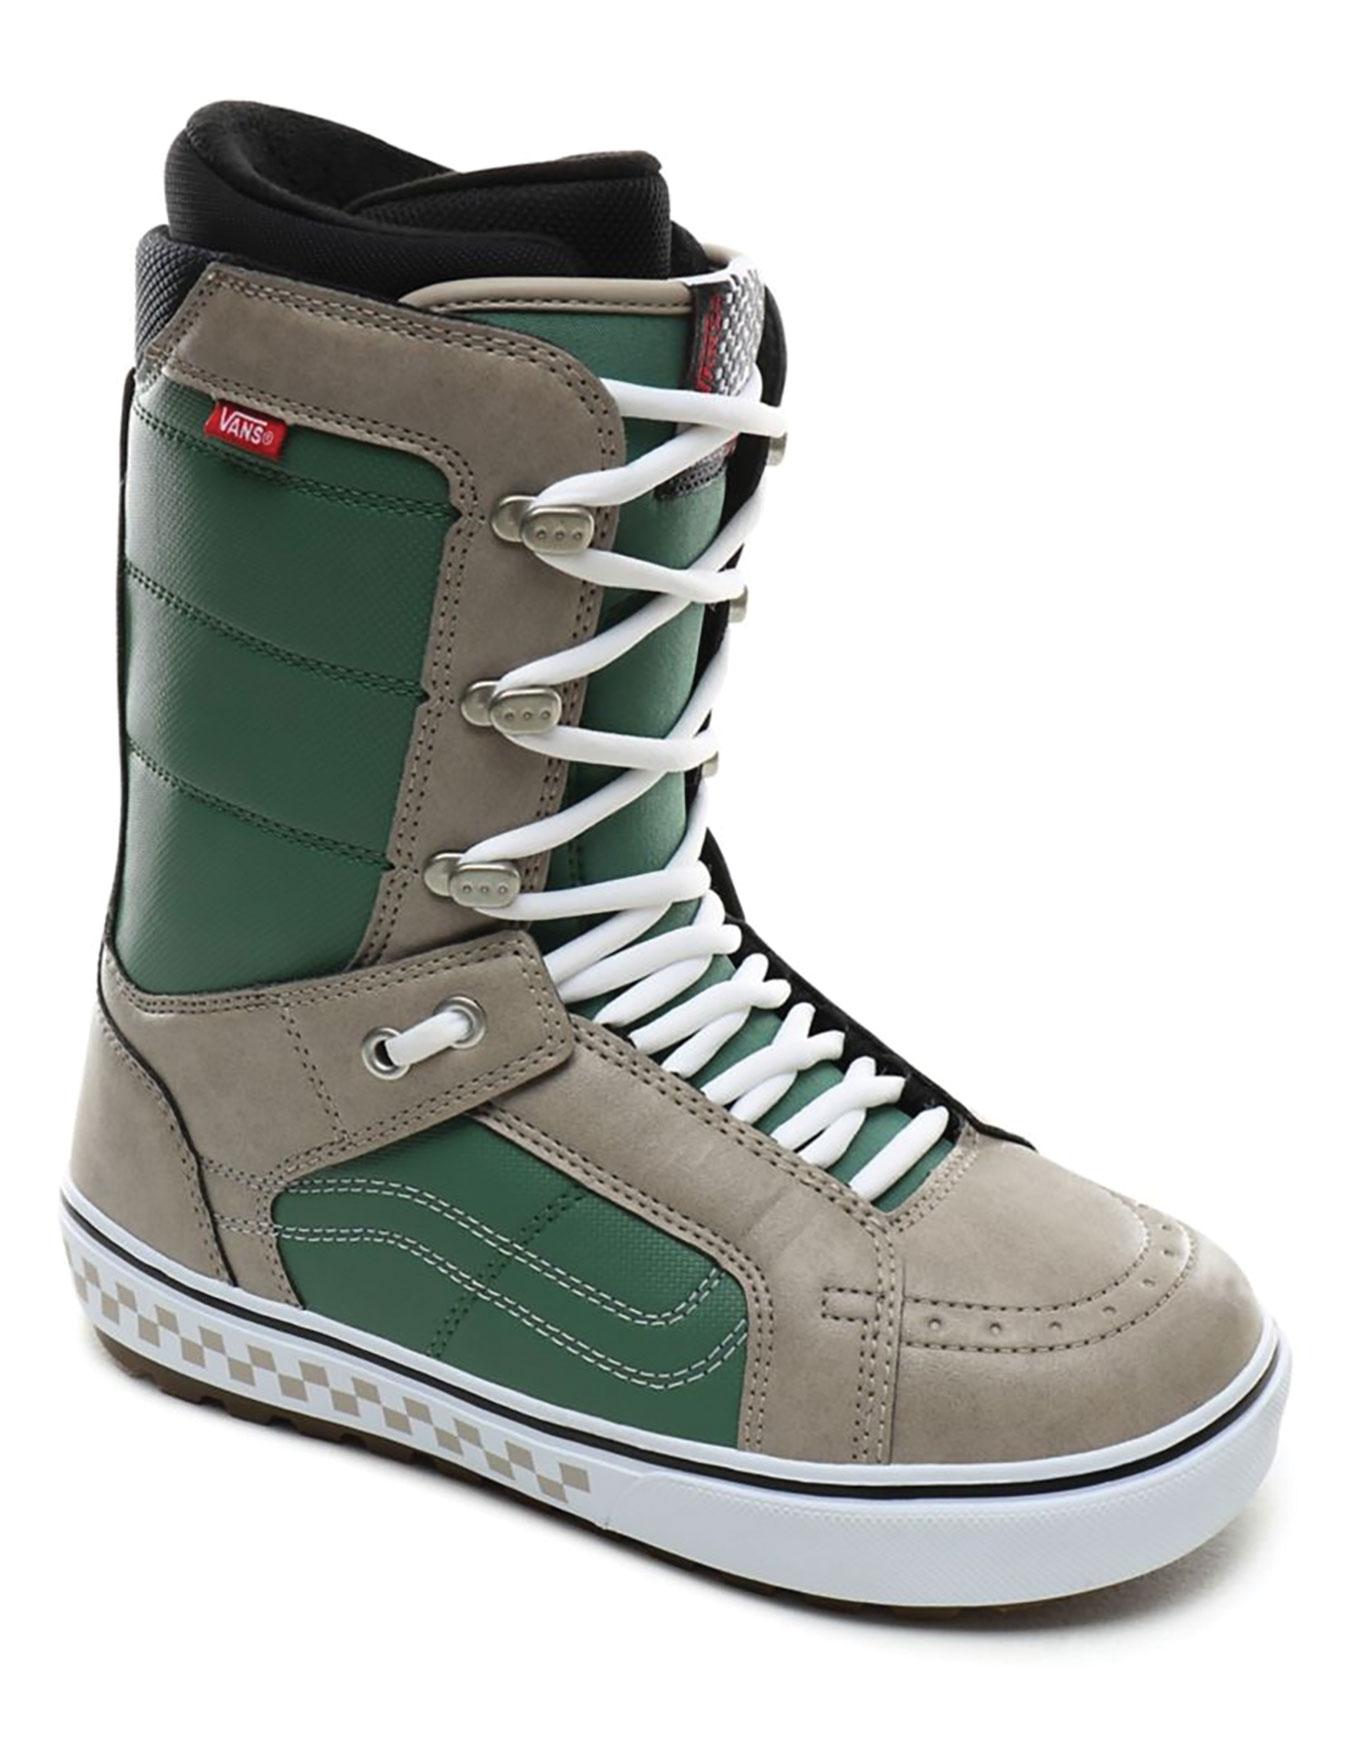 Achat Vans Hi Standard OG 2020 Boots de Snowboard en ligne